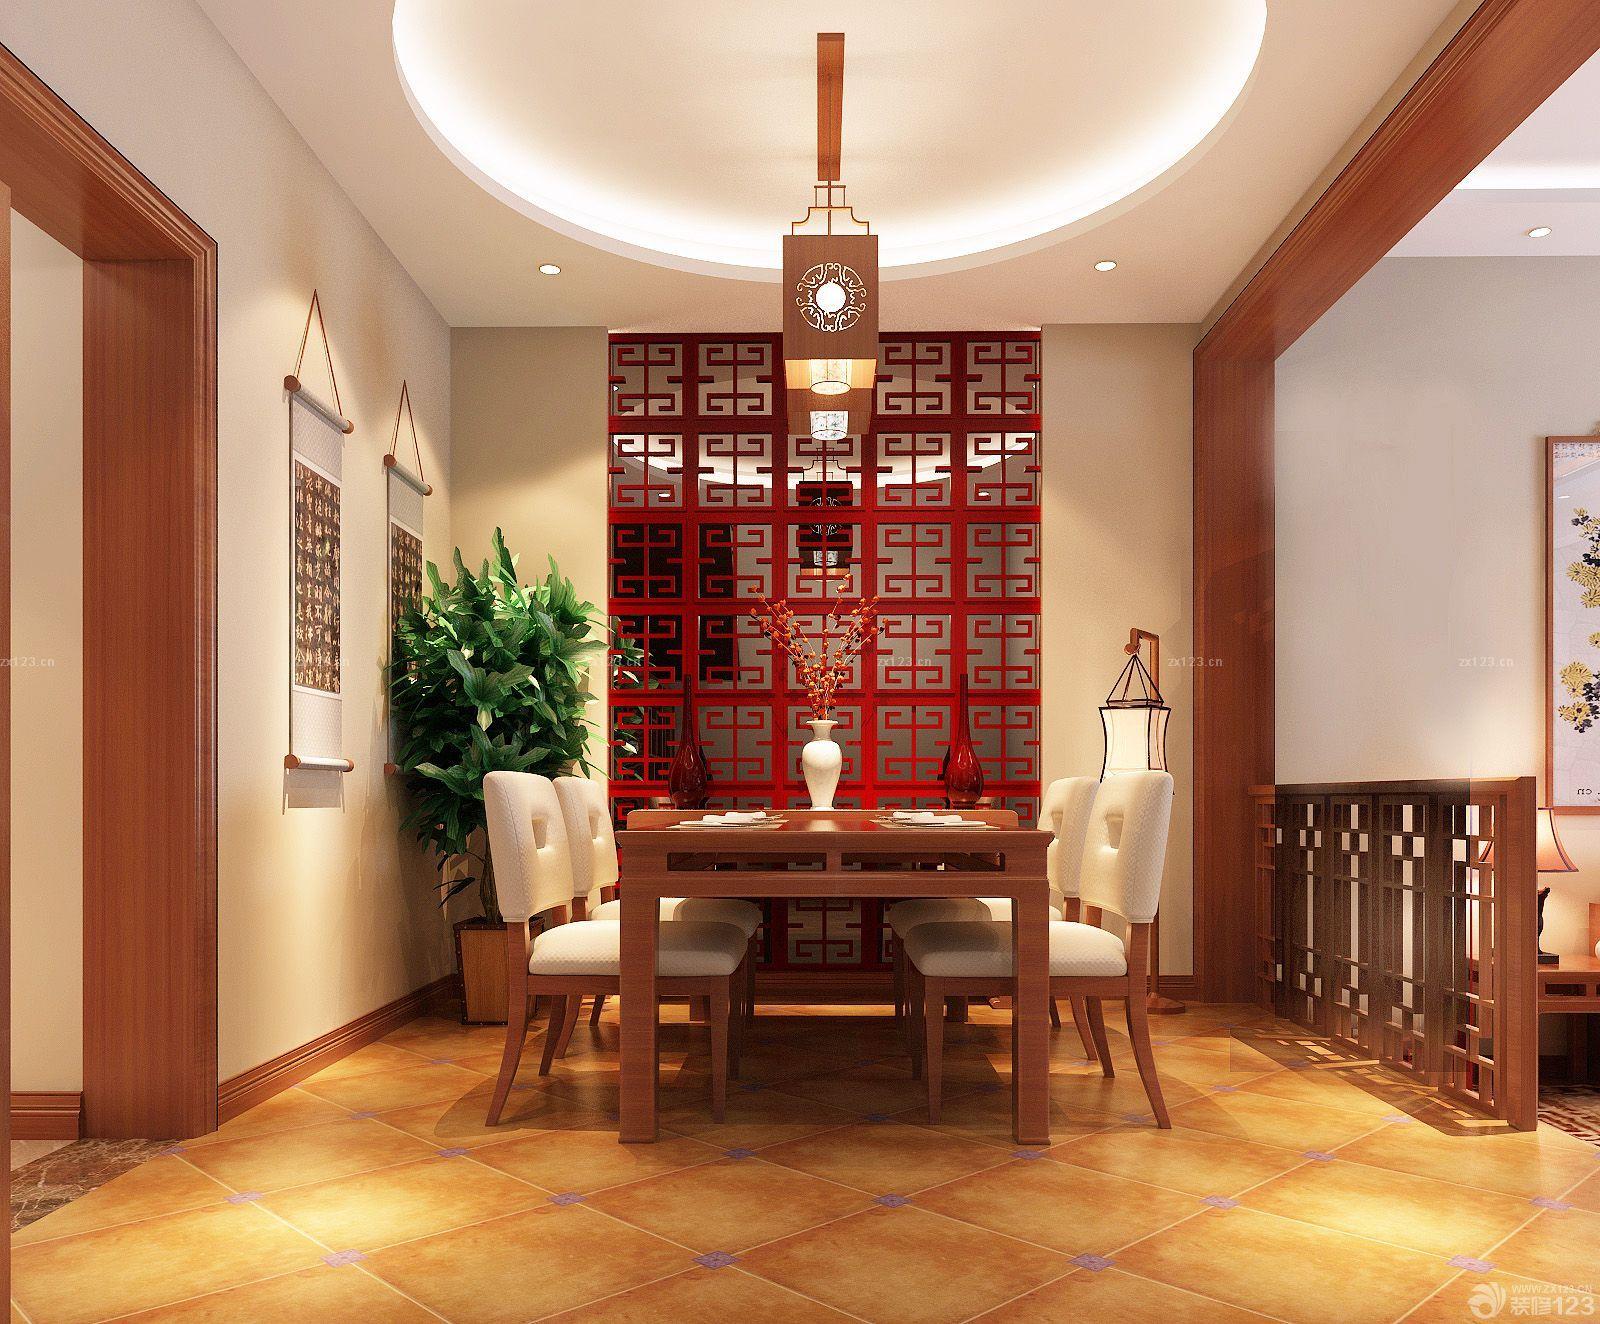 中式家装风格餐厅镂空隔断装修效果图片图片